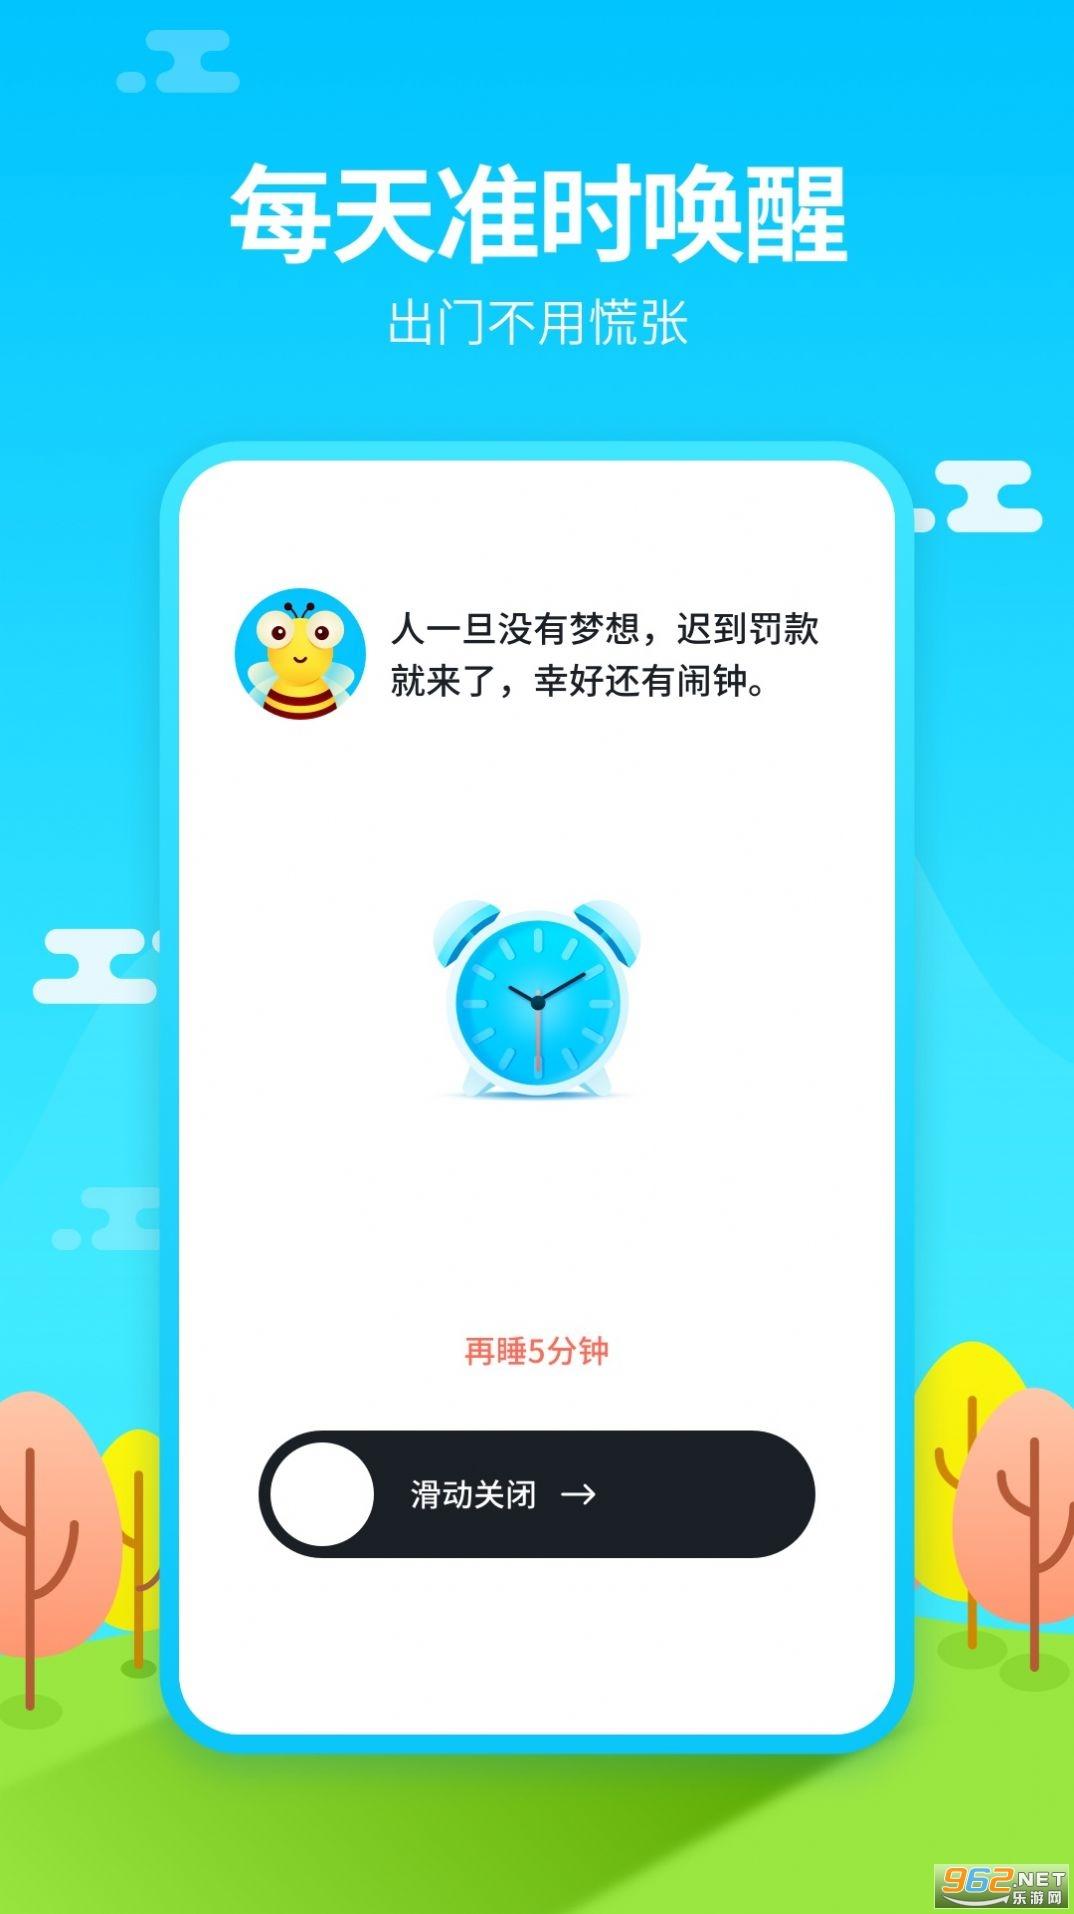 阿怪闹钟app安卓版截图2